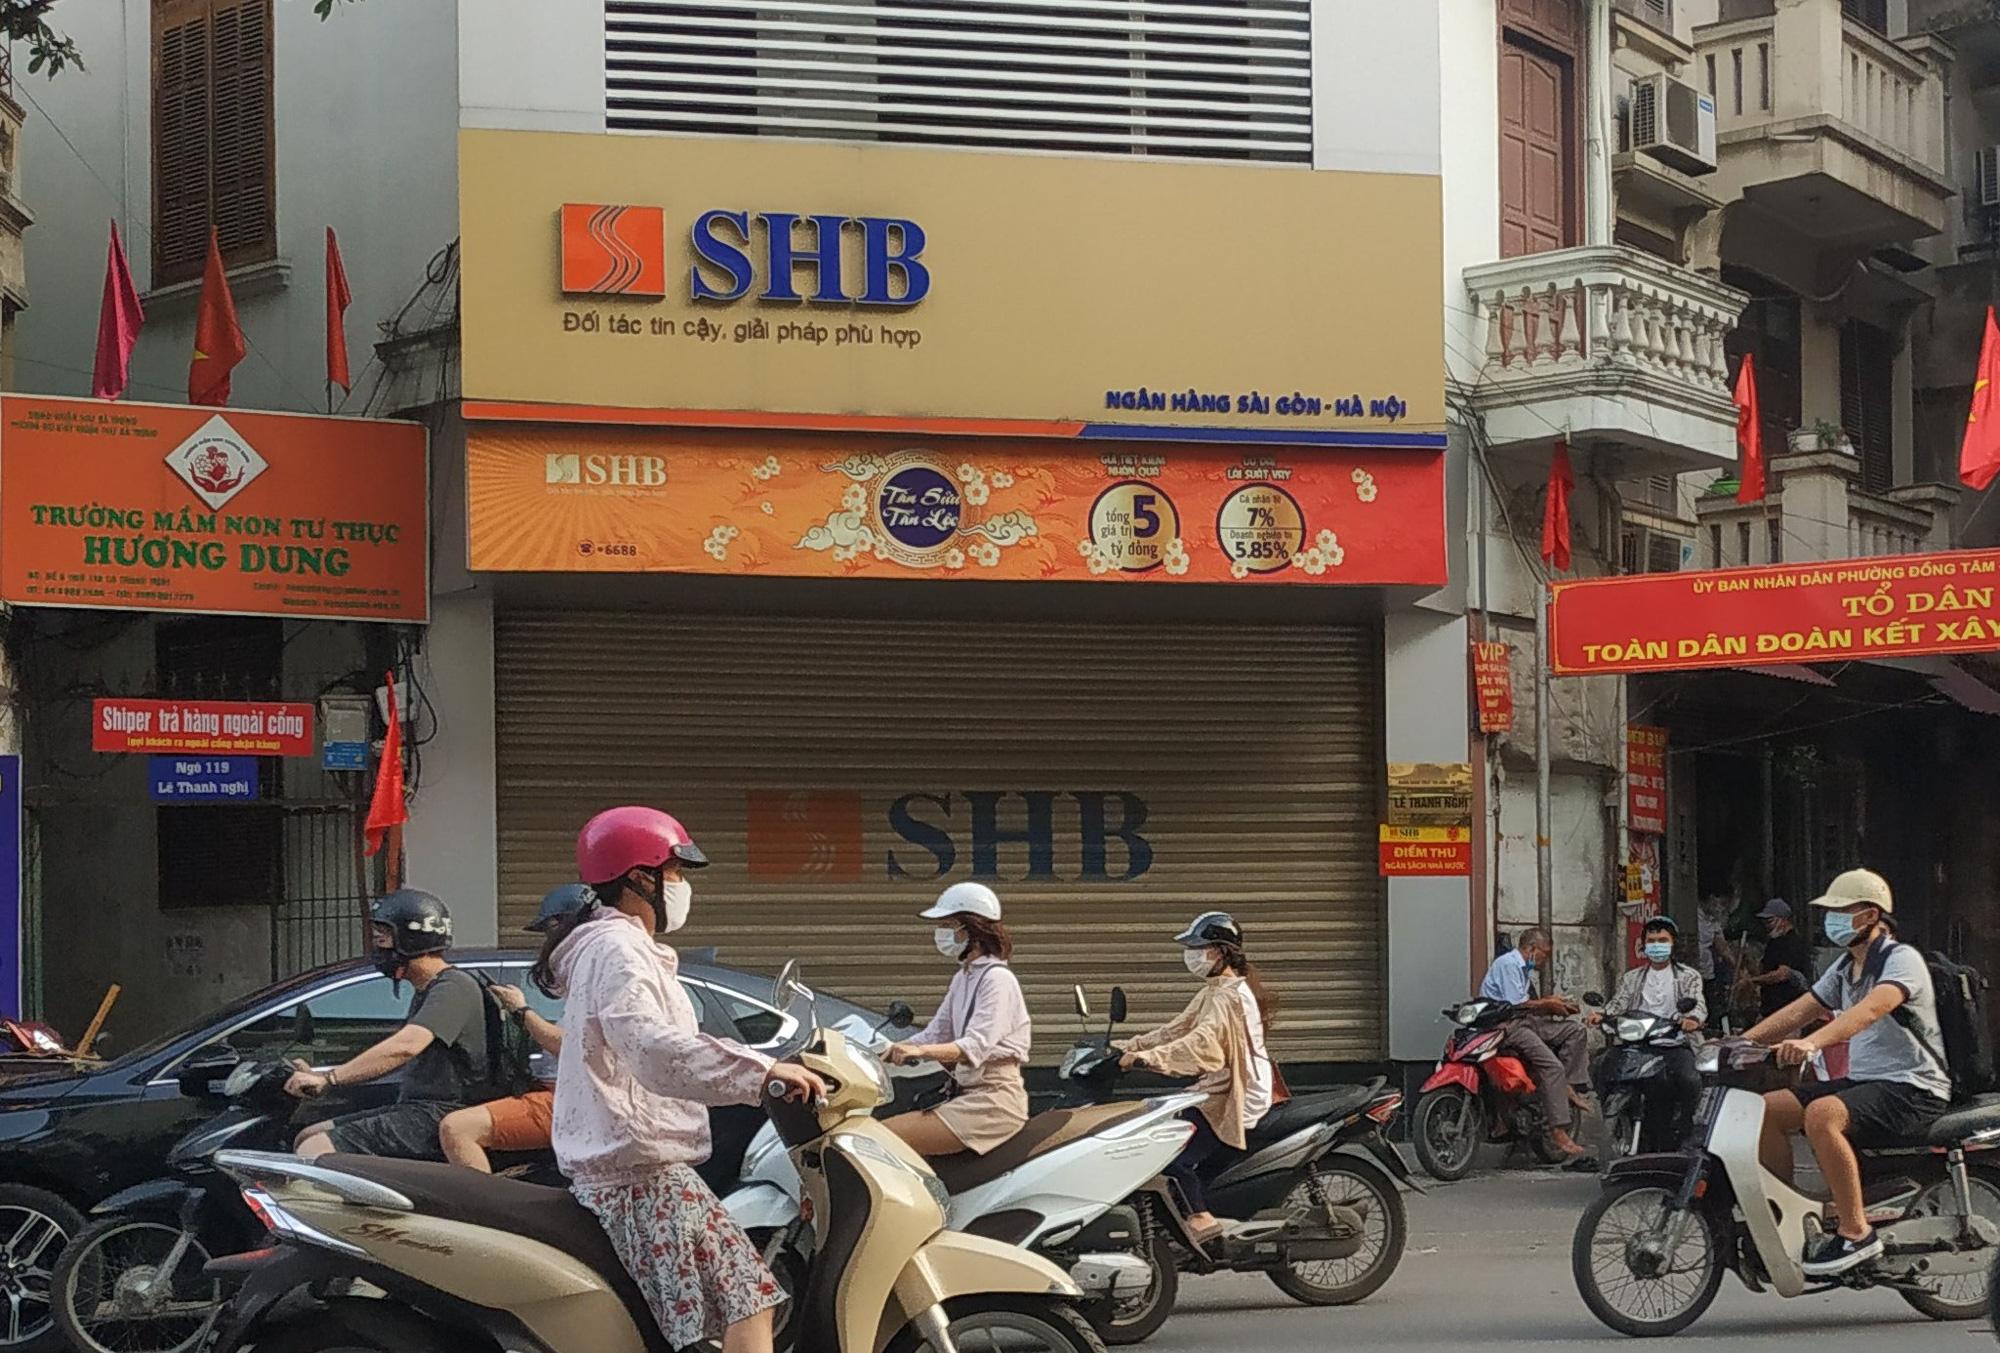 SHB tiếp tục bán 1.000 tỷ đồng trái phiếu cho hai CTCK, lãi suất 3,8%/năm - Ảnh 1.